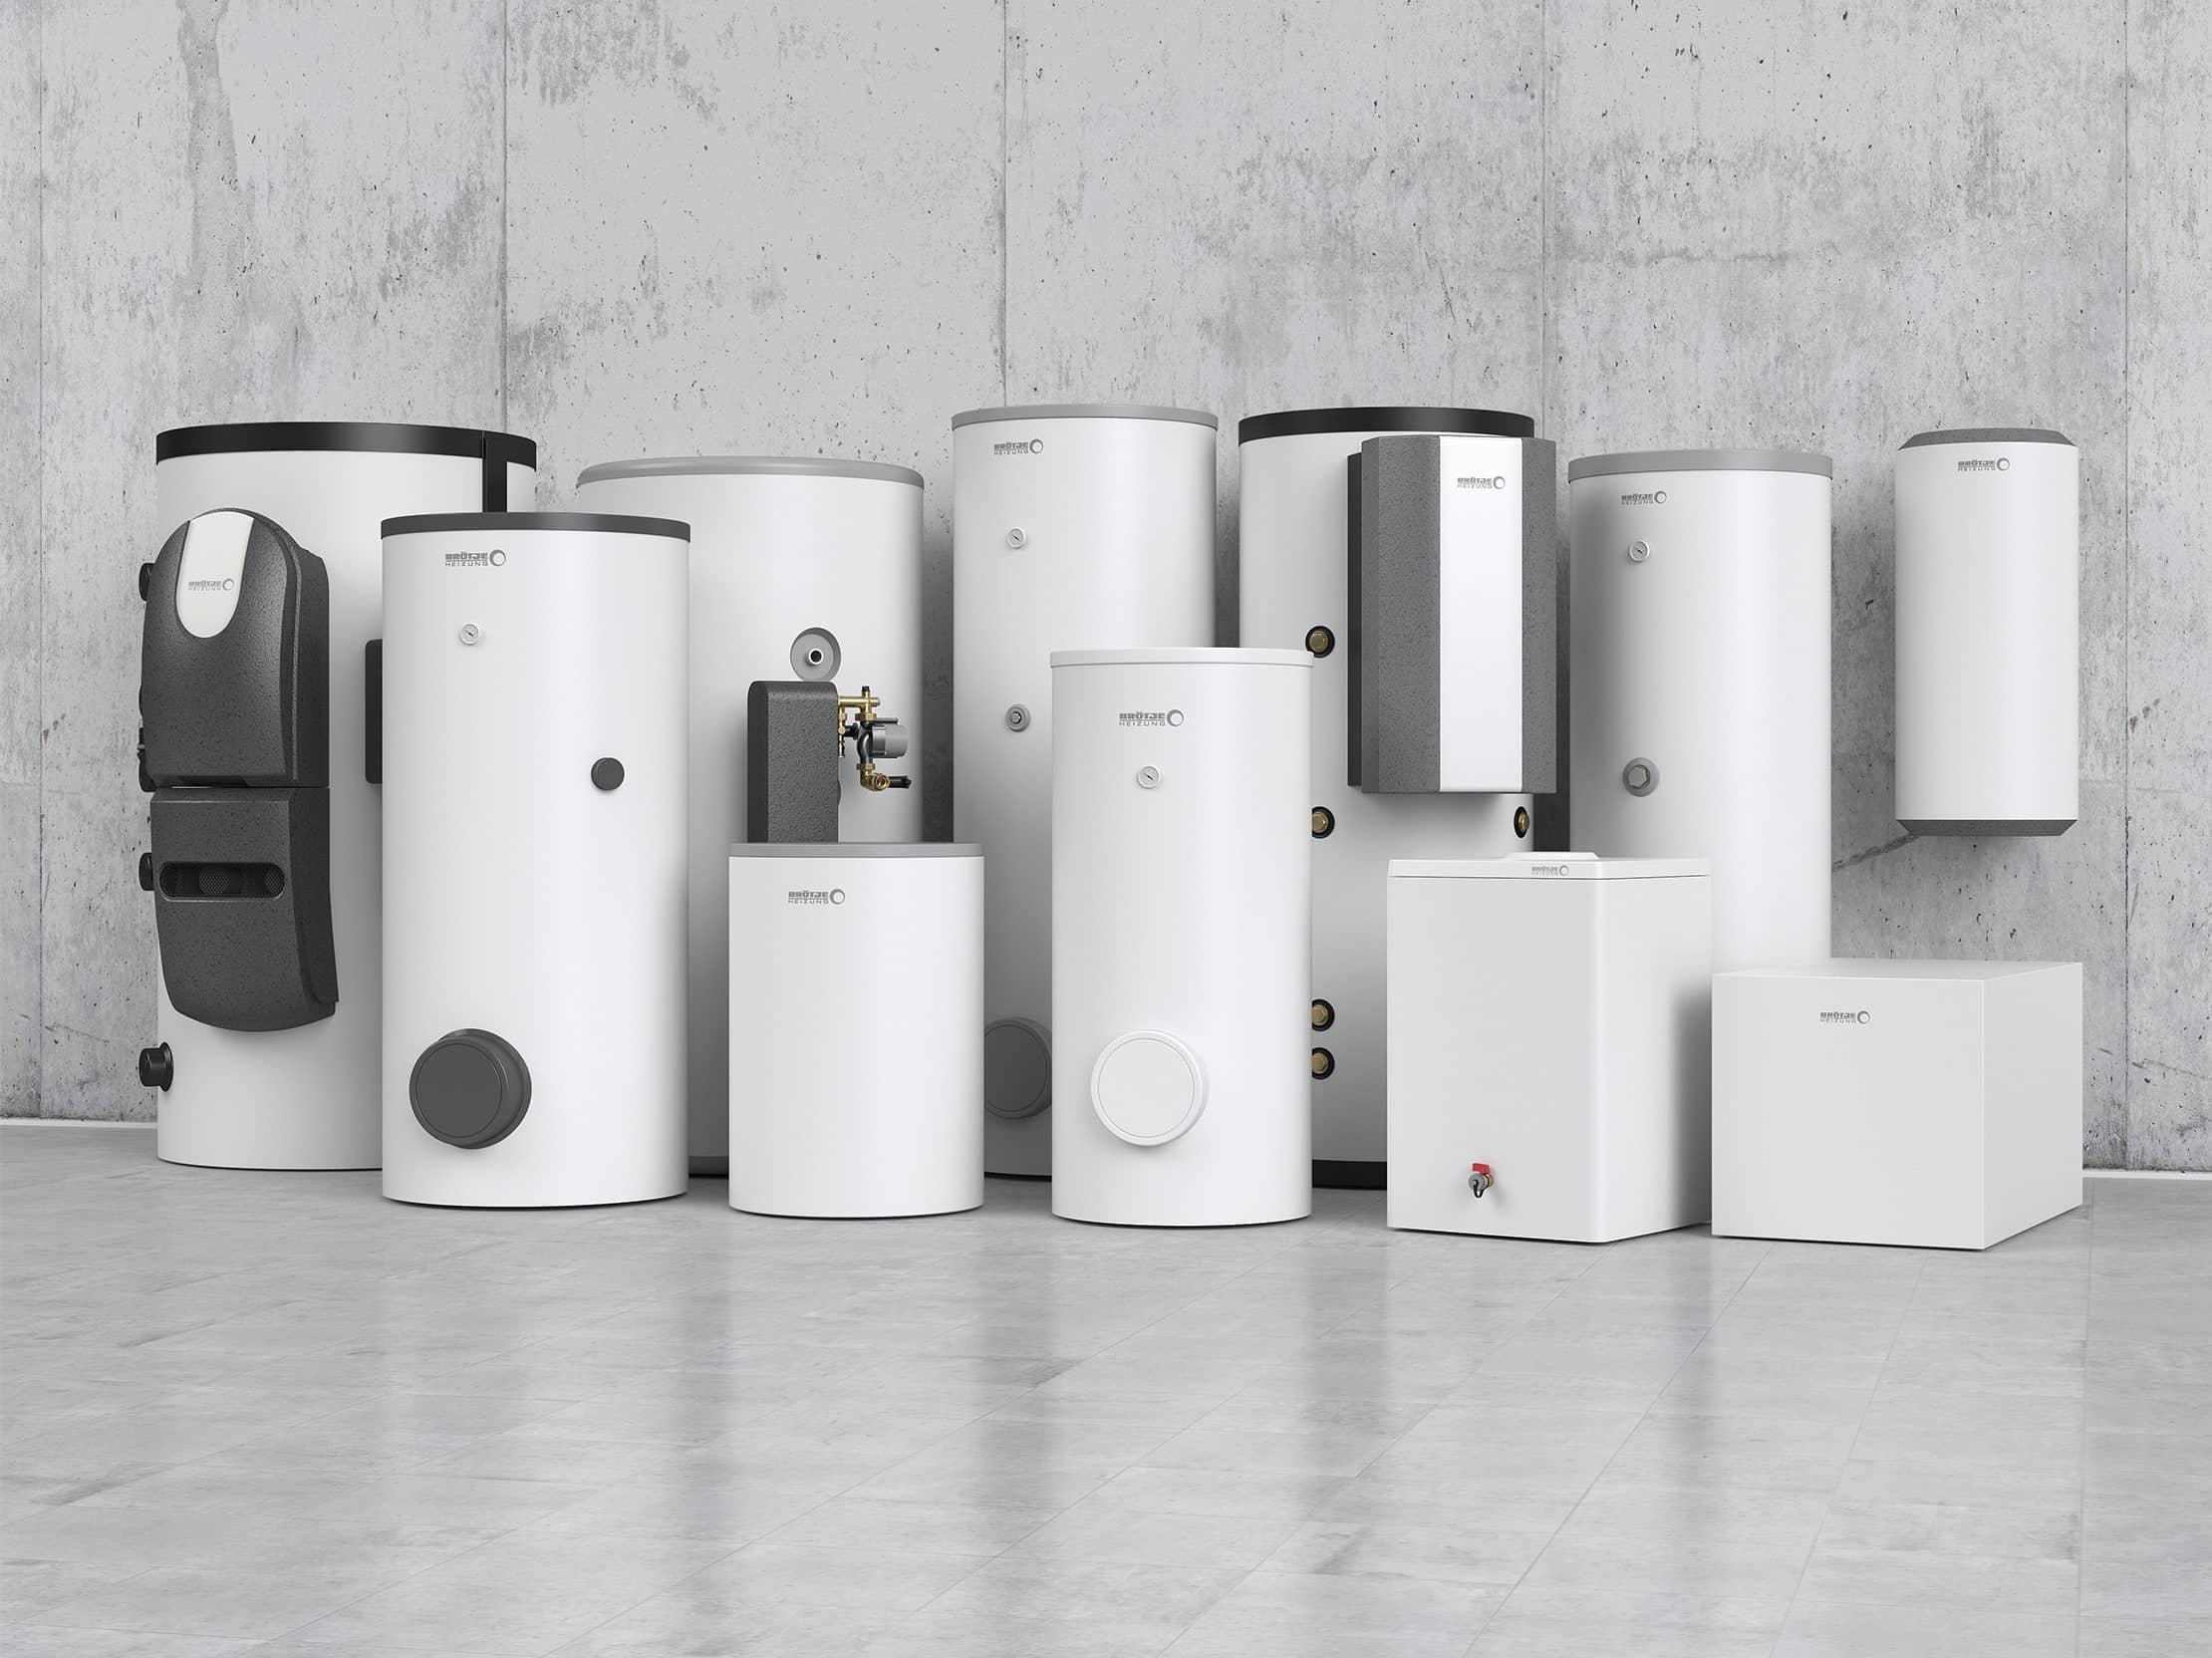 Elf Trinkwassererwärmer in verschiedenen Größen in weiß und dunkelgrau, aufgestellt und gehängt an einer Betonwand.